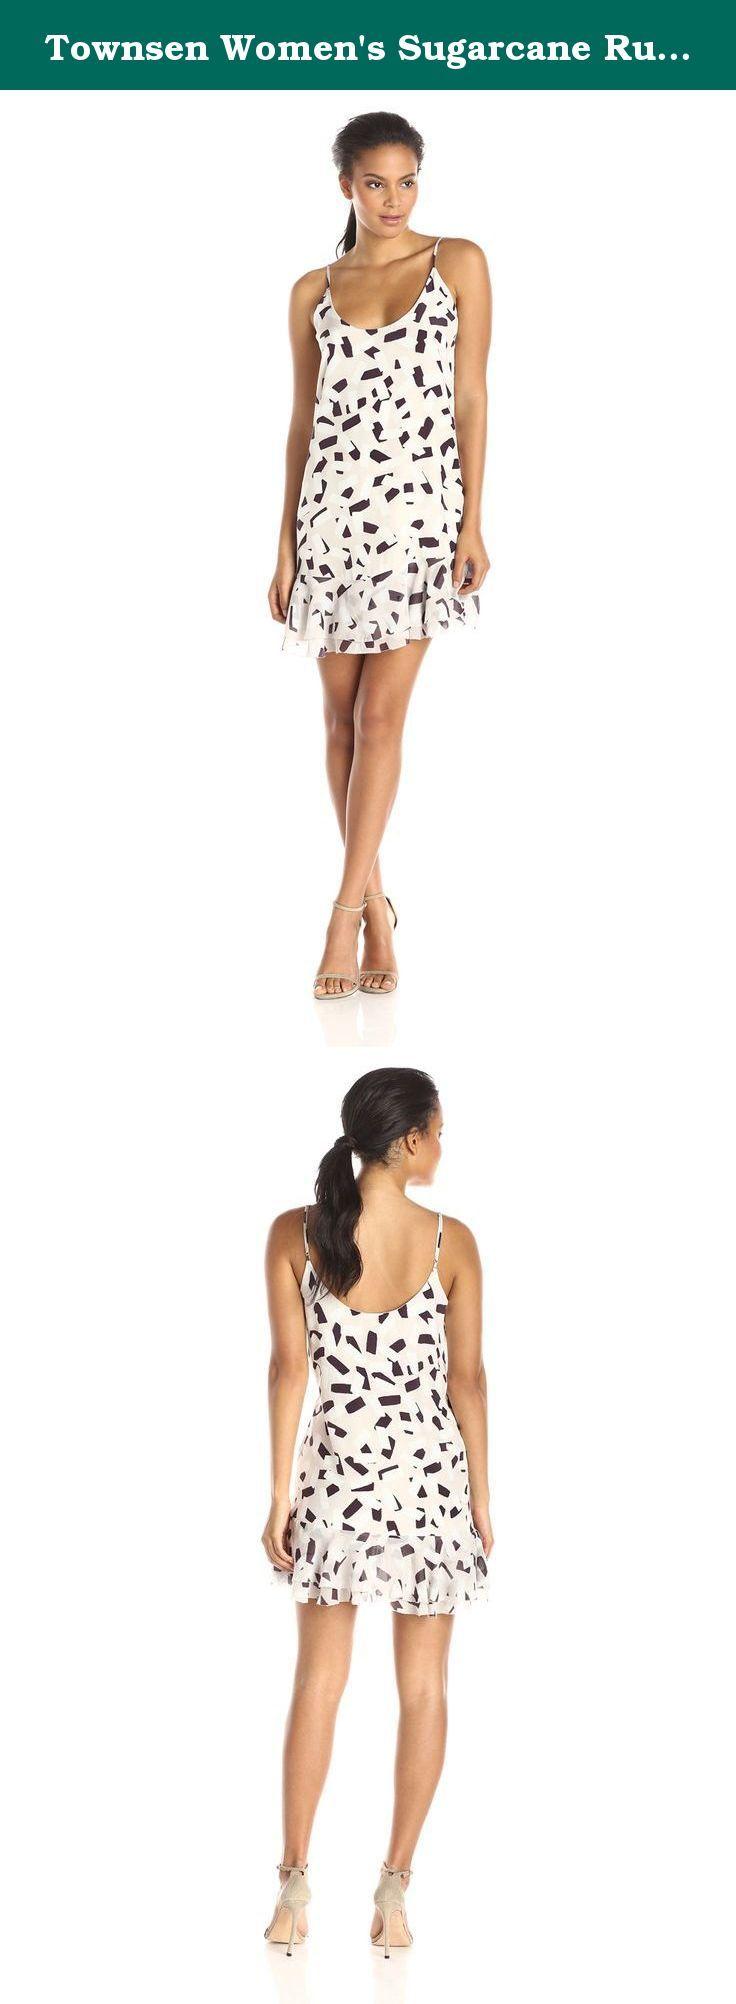 Townsen womenus sugarcane ruffled hem mini dress nude medium the